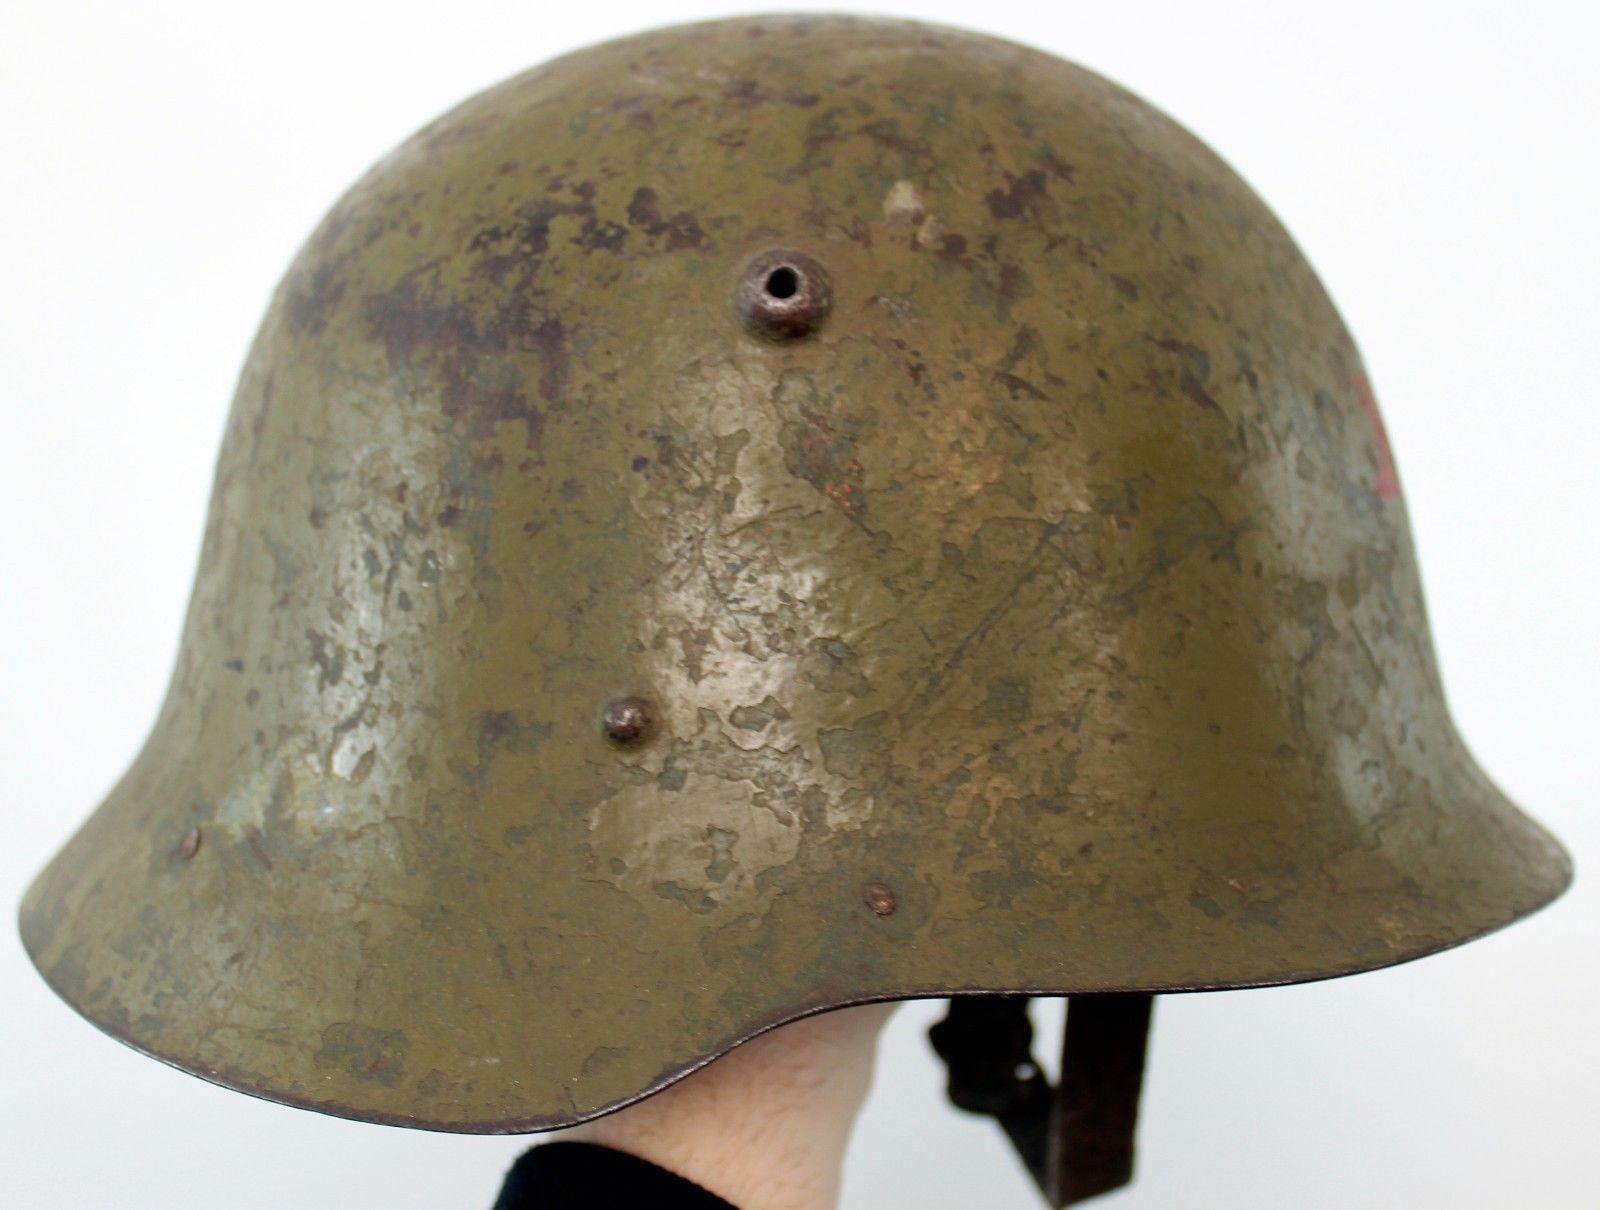 (5) GENUINE WW2 BULGARIA BULGARIAN ARMED FORCES M36 STEEL HELMET 59cm | eBay